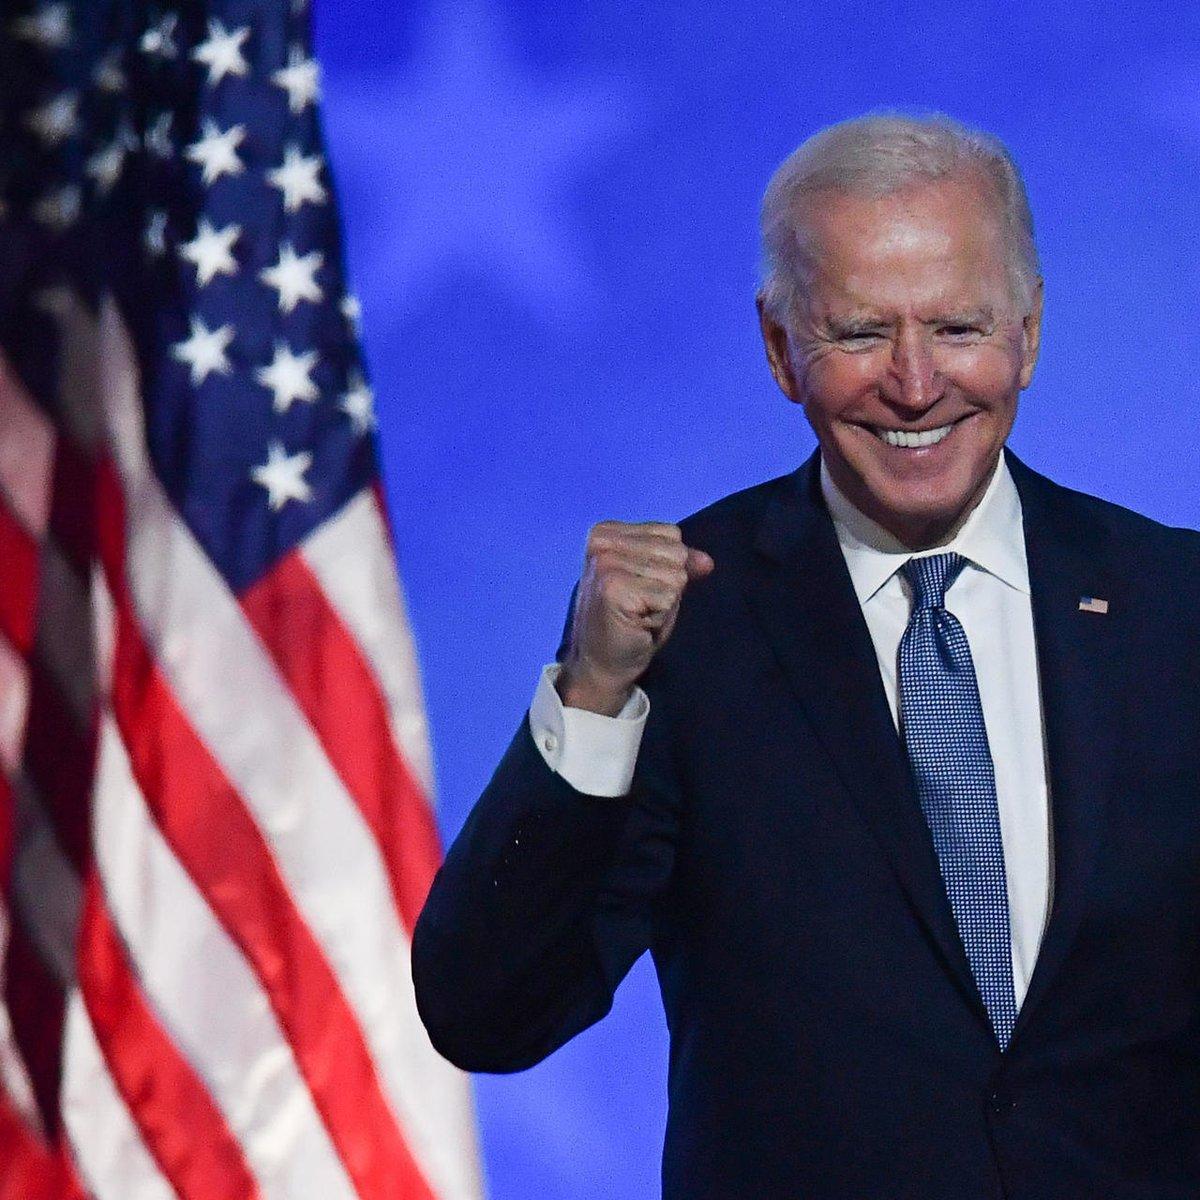 اليوم .. تنصيب جو بايدن ليصبح الرئيس الـ 46 للولايات المتحدة جريدة عمان